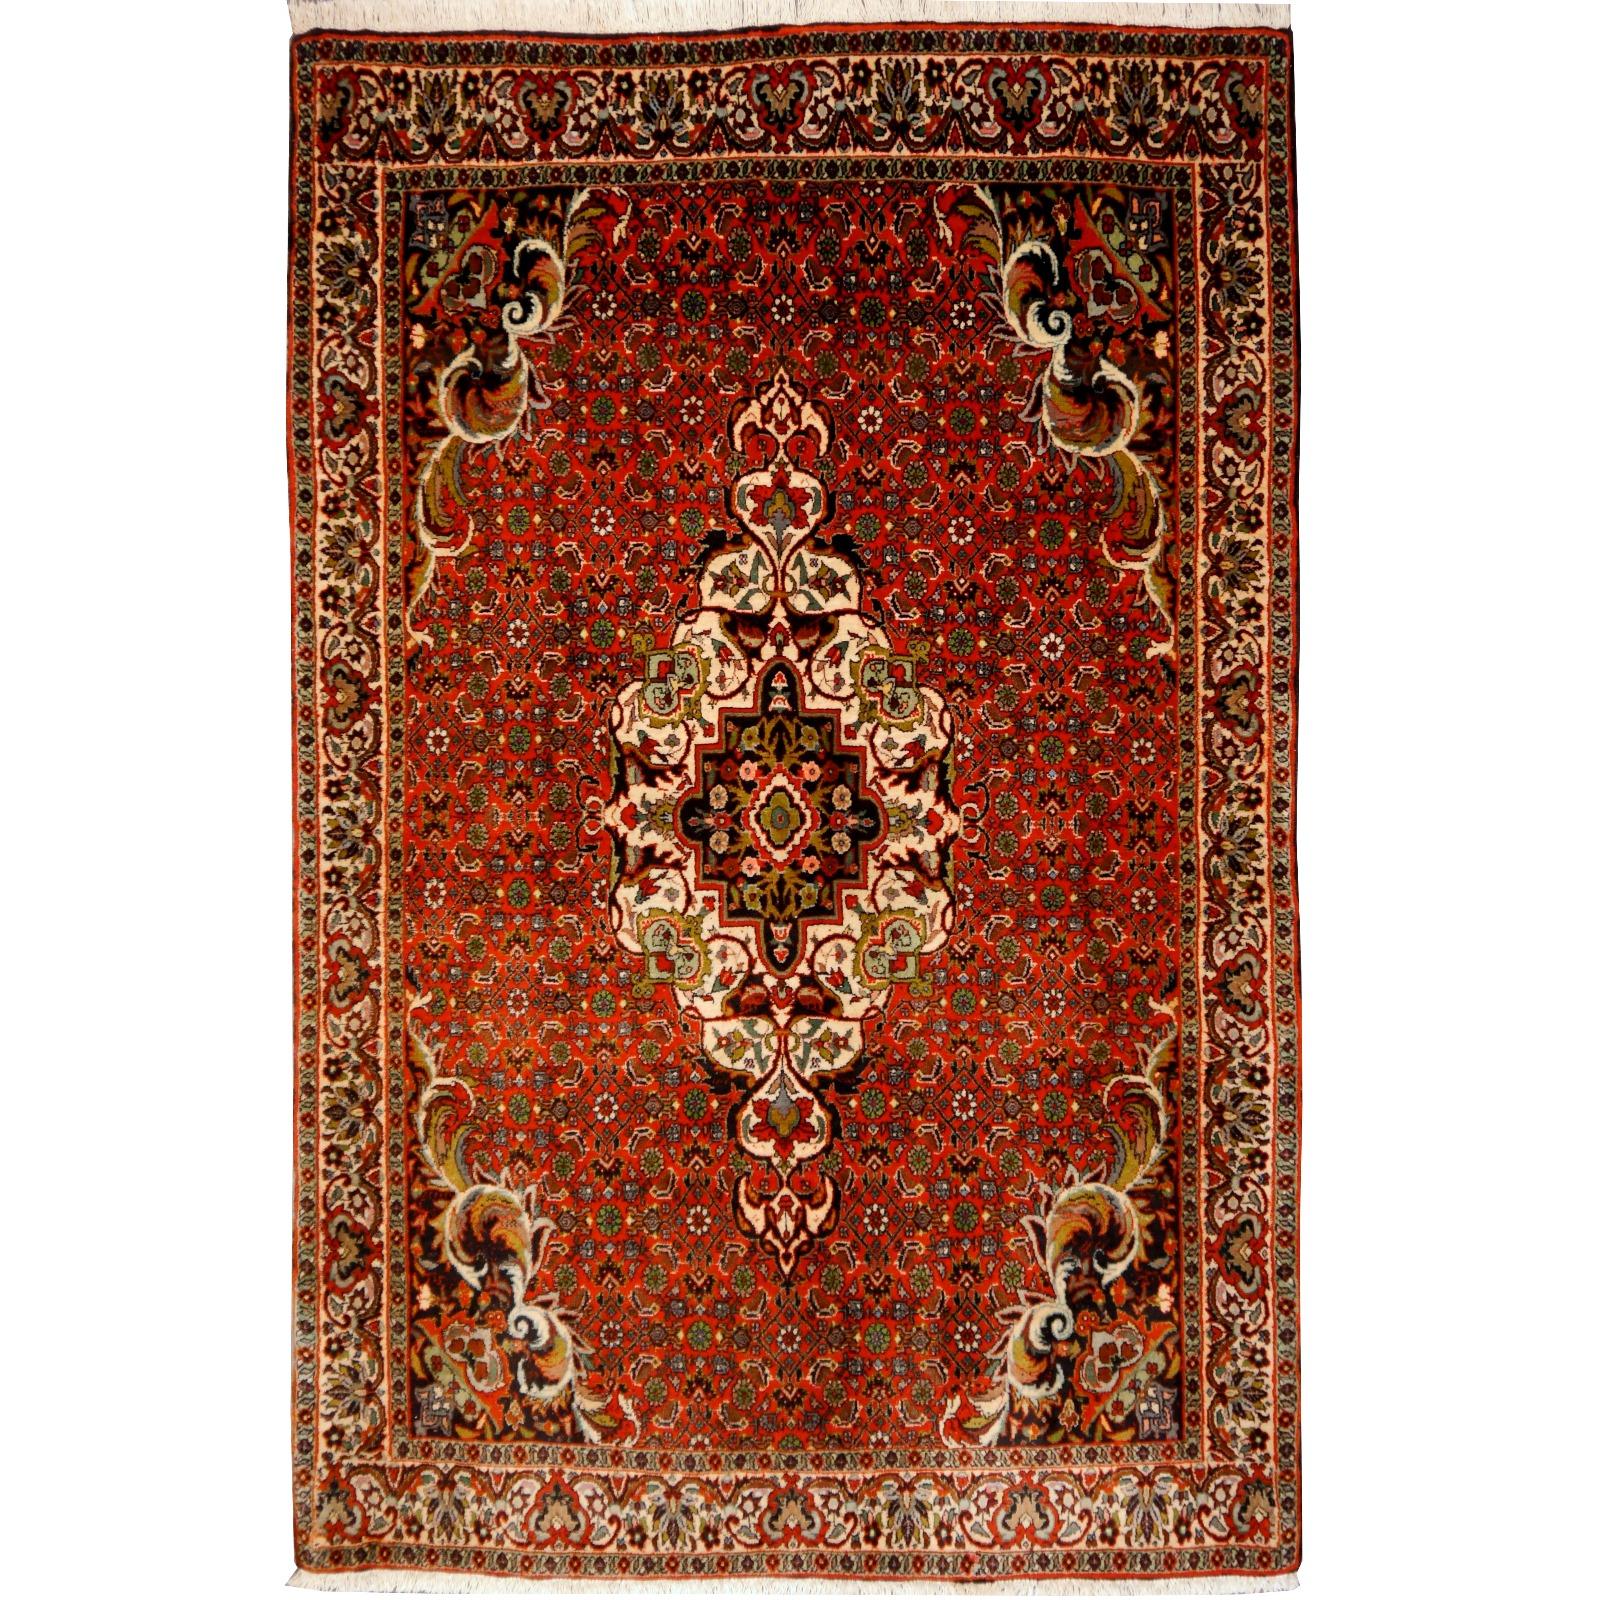 14569 Bidjar Teppich Iran Persien 170 X 110 Cm